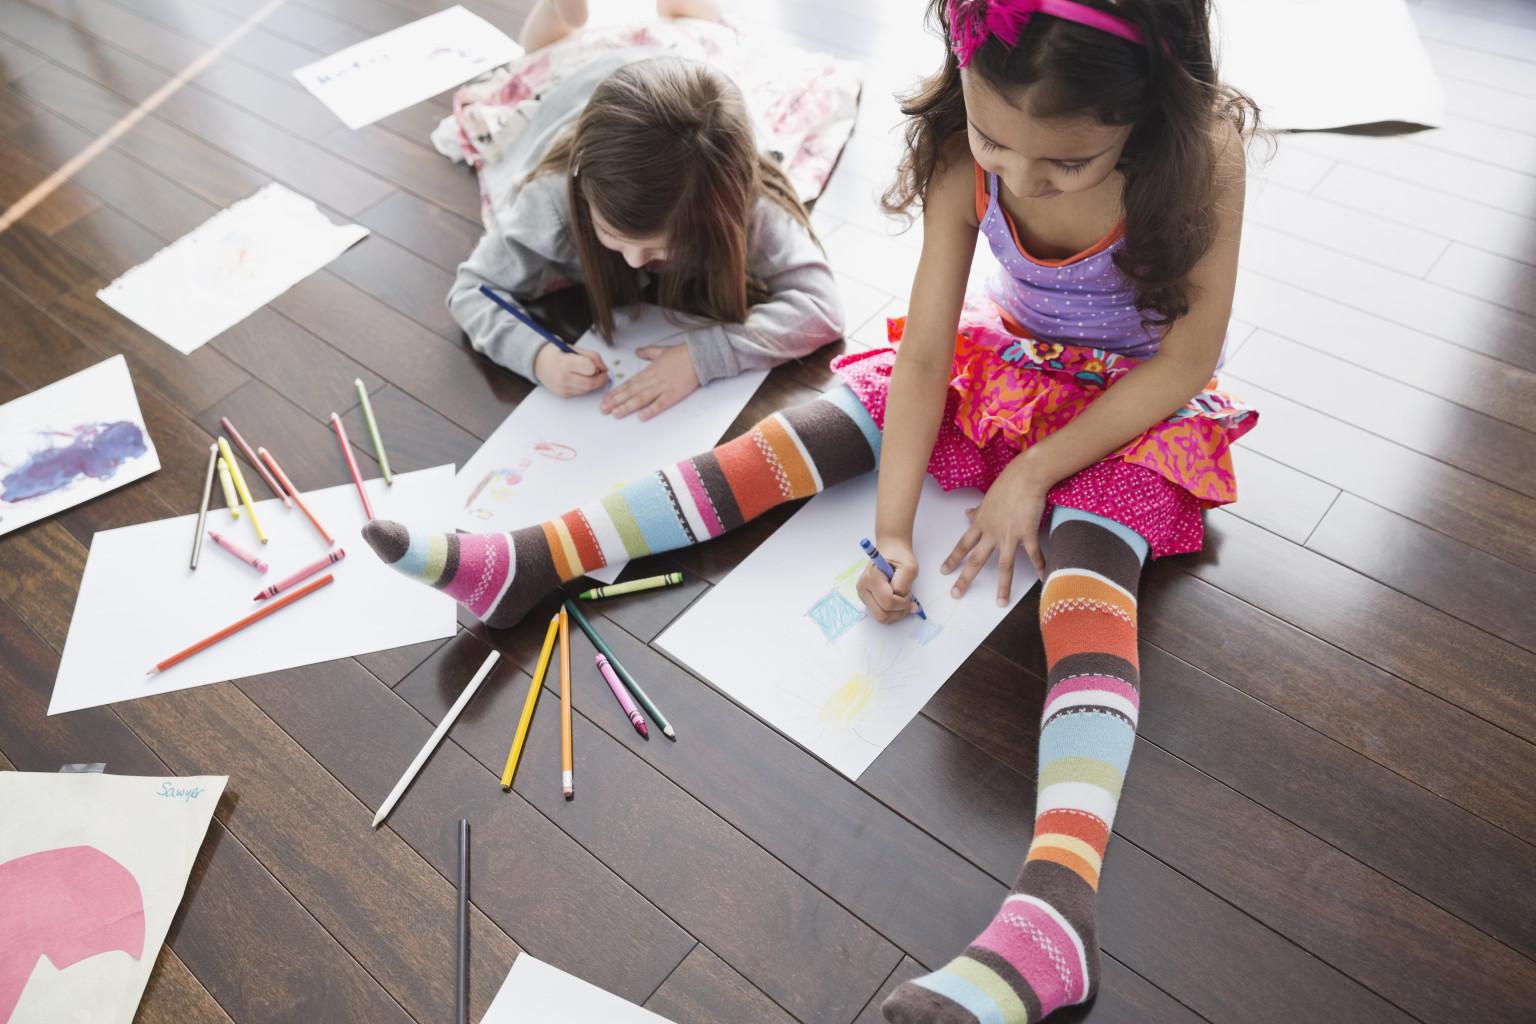 Yaratıcılık Psikolojisi ve Çocuk Gelişimi